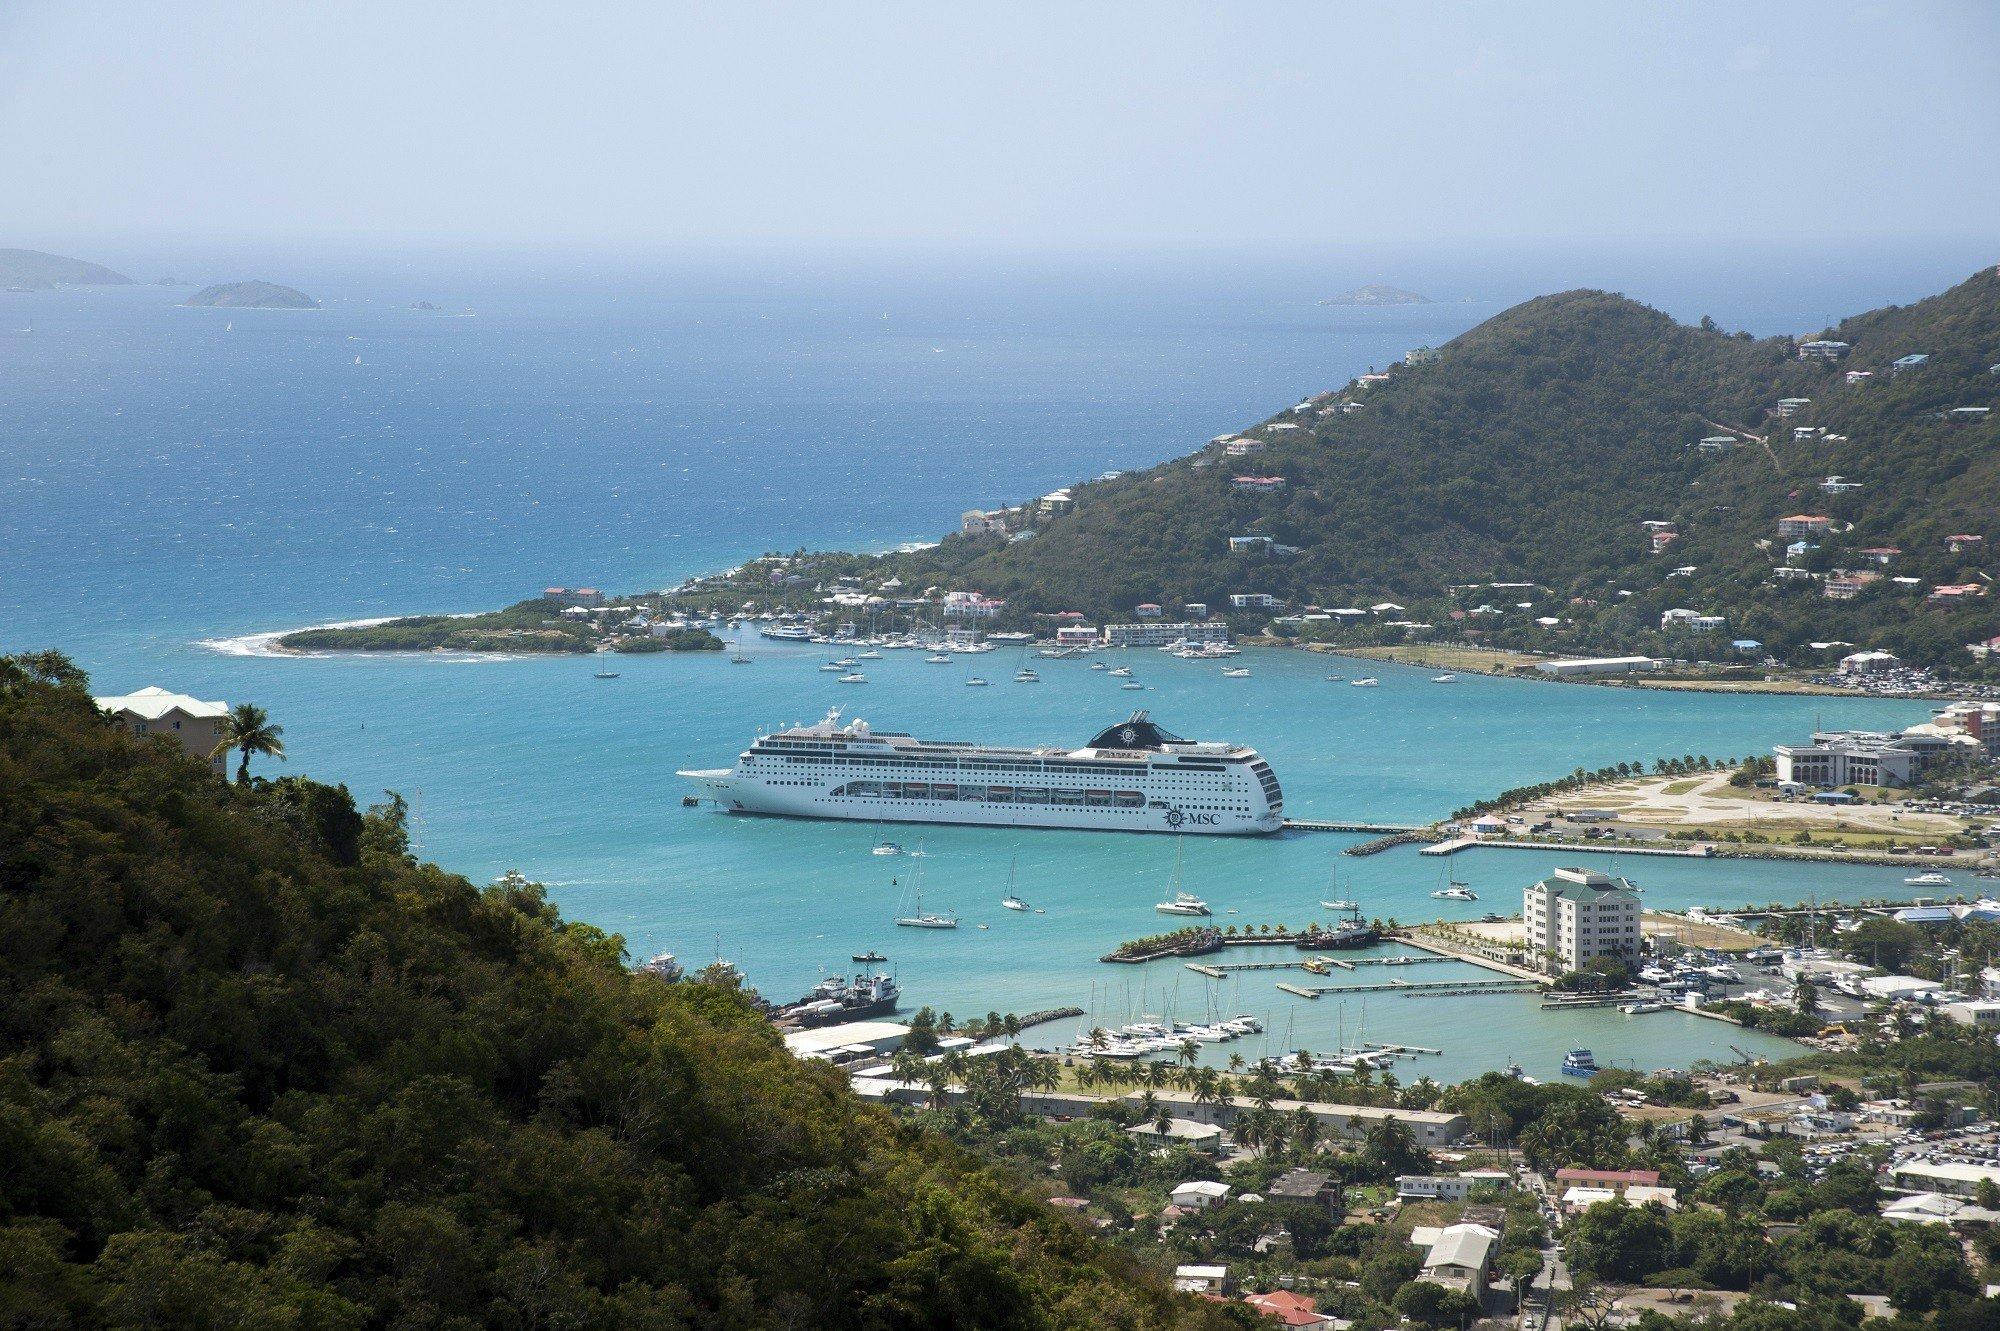 Dagaanbieding - Luxe cruise door het prachtige Caribische gebied o.b.v. volpension aan boord en incl. retourvlucht + overnachting in Miami dagelijkse koopjes